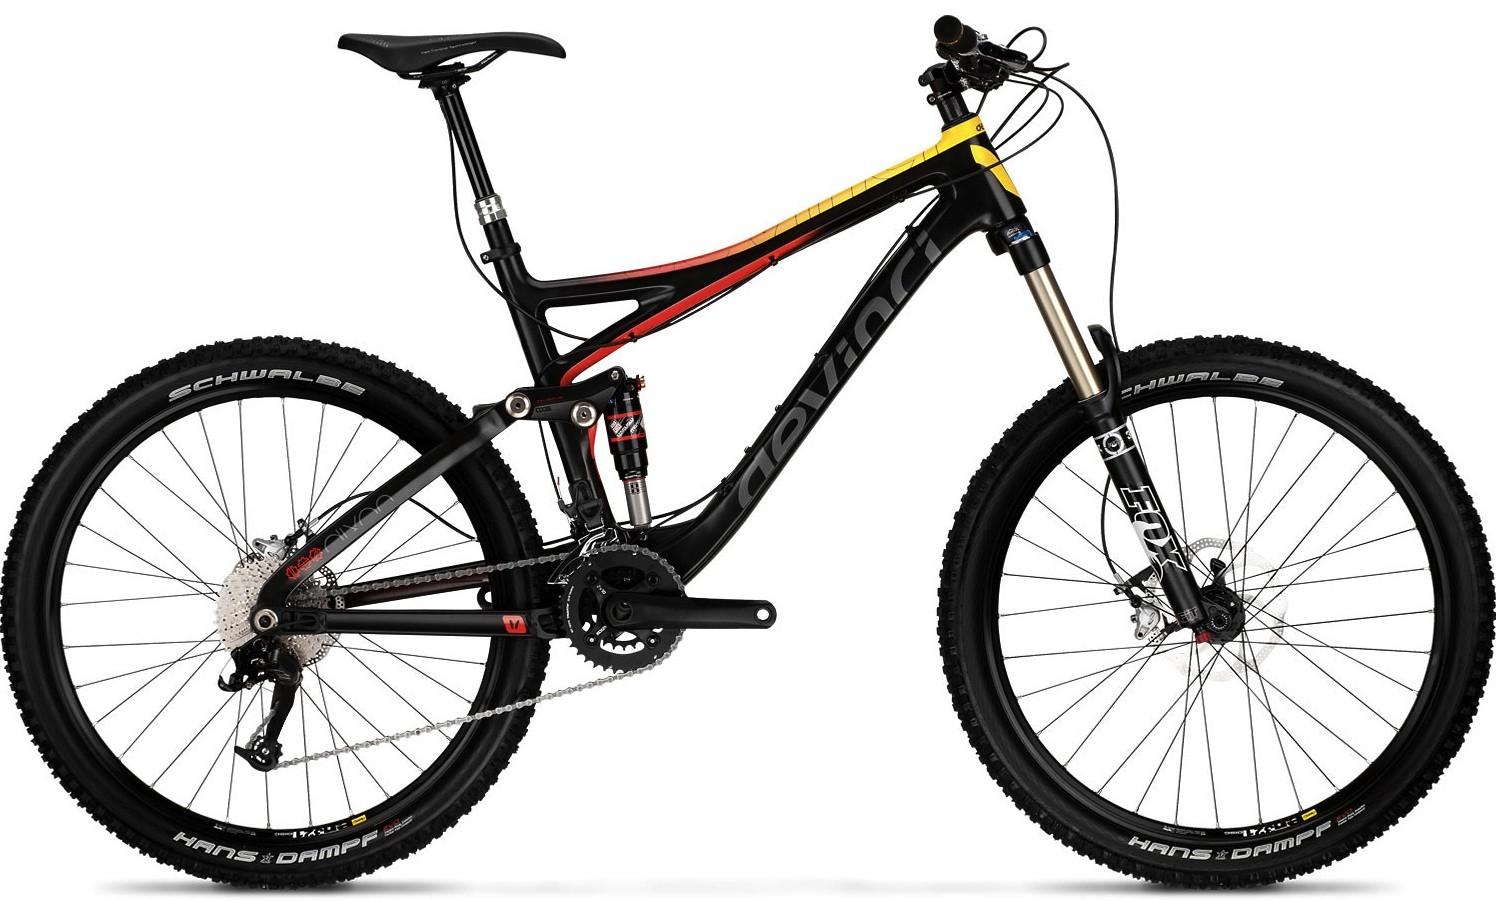 2013 Devinci Dixon Carbon RXS Bike 2013 Devinci Dixon Carbon RXS